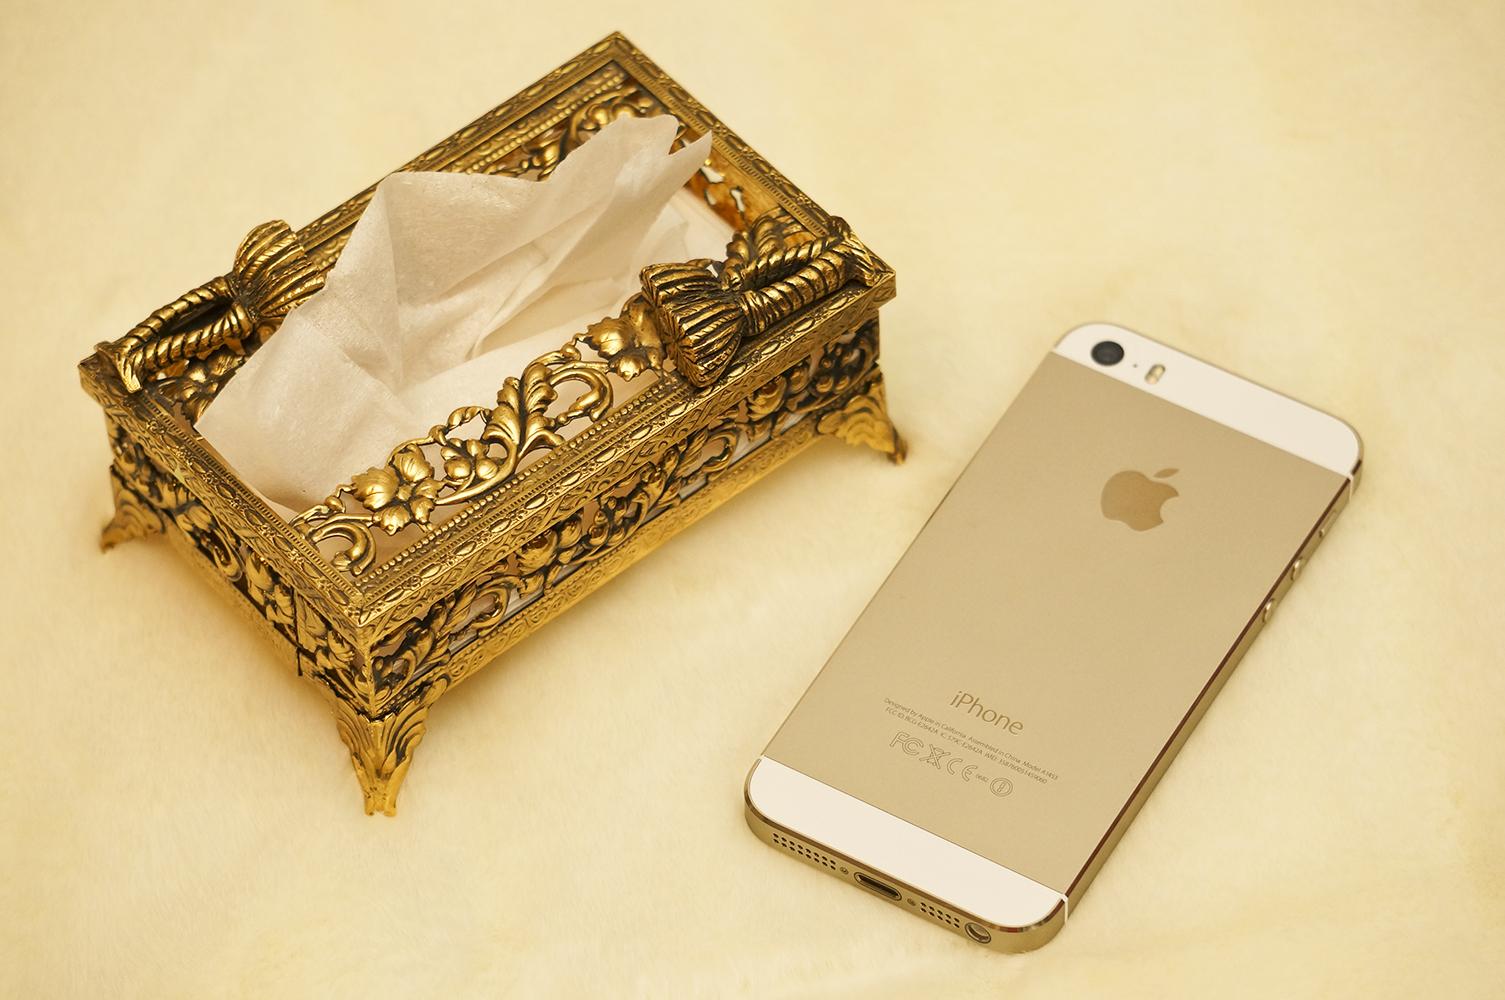 スタイルビルト製 ゴールド ミニ ロープ ティッシュボックス iPhone 5Sと比較